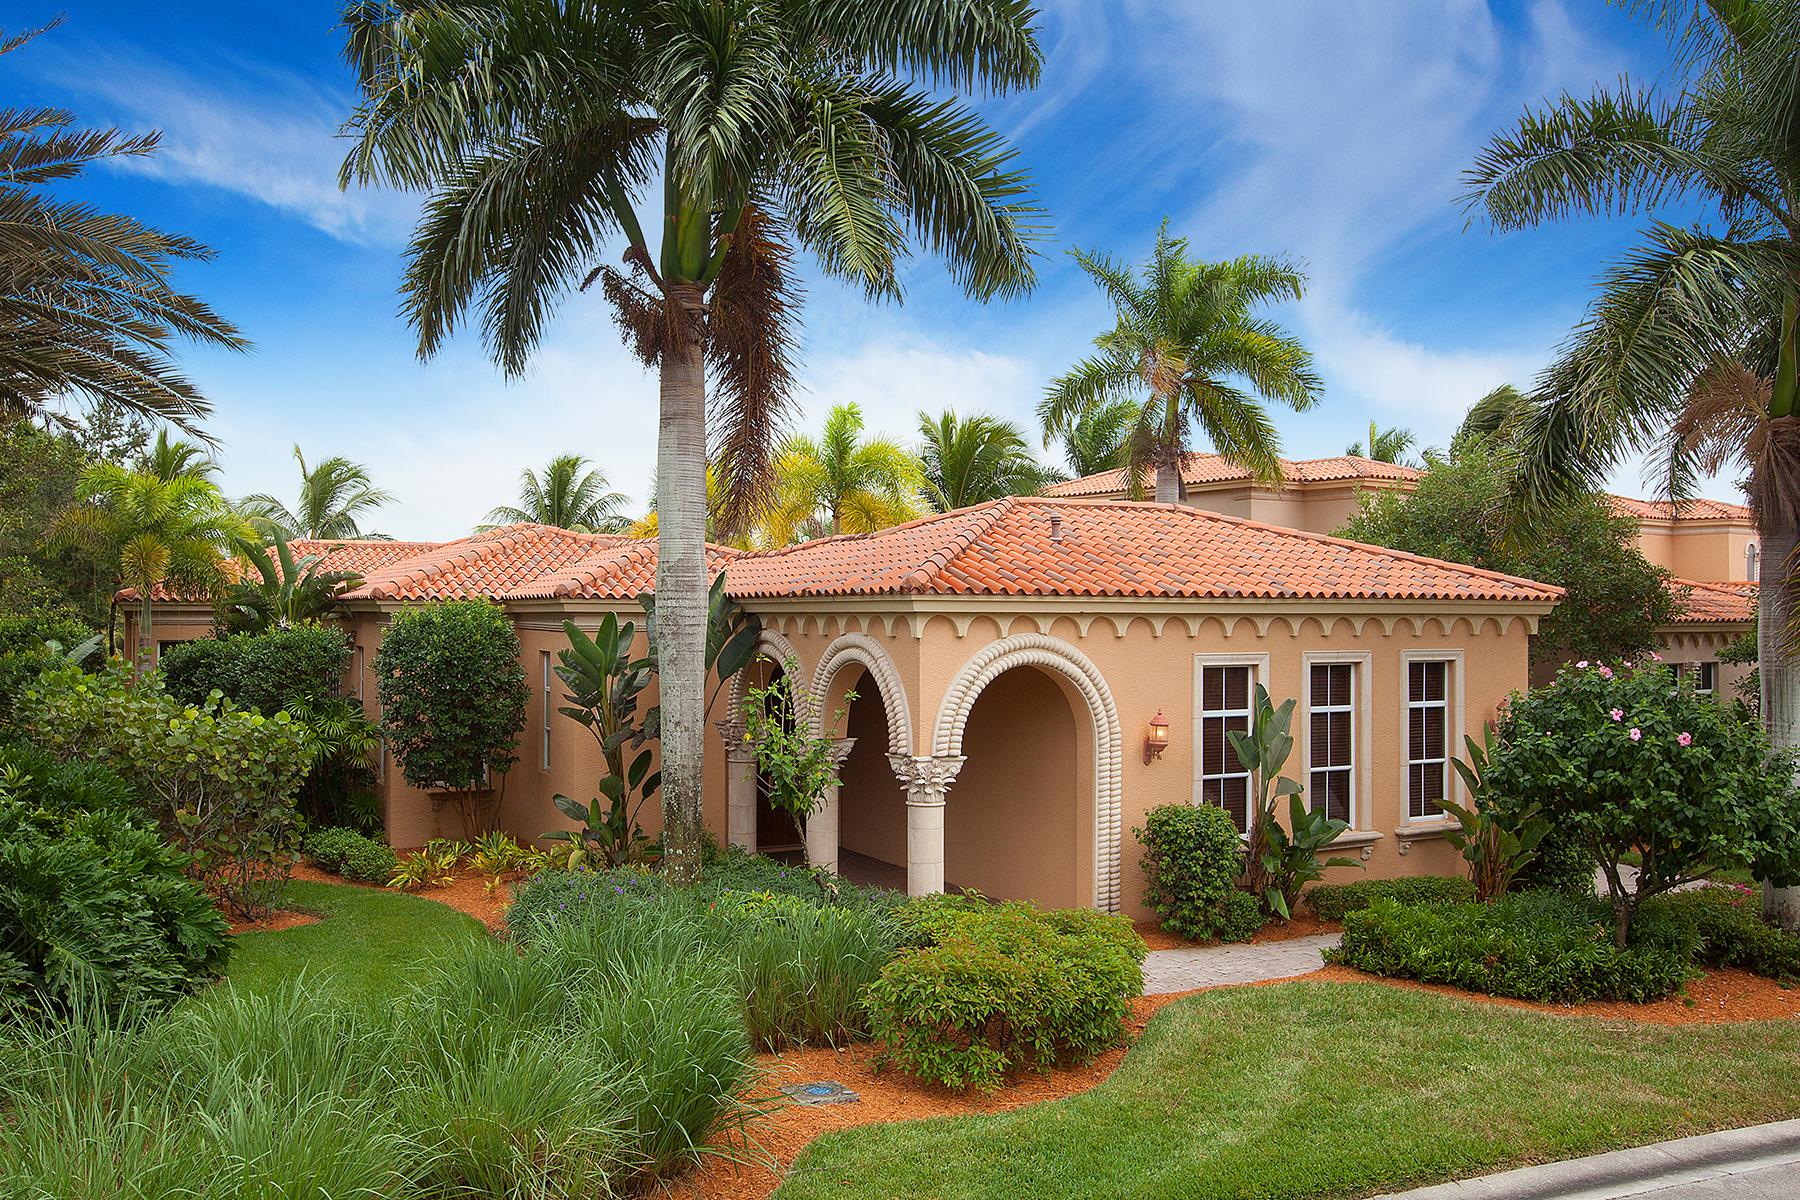 Частный односемейный дом для того Продажа на FIDDLER'S CREEK - BELLAGIO 8504 Bellagio Dr Naples, Флорида 34114 Соединенные Штаты